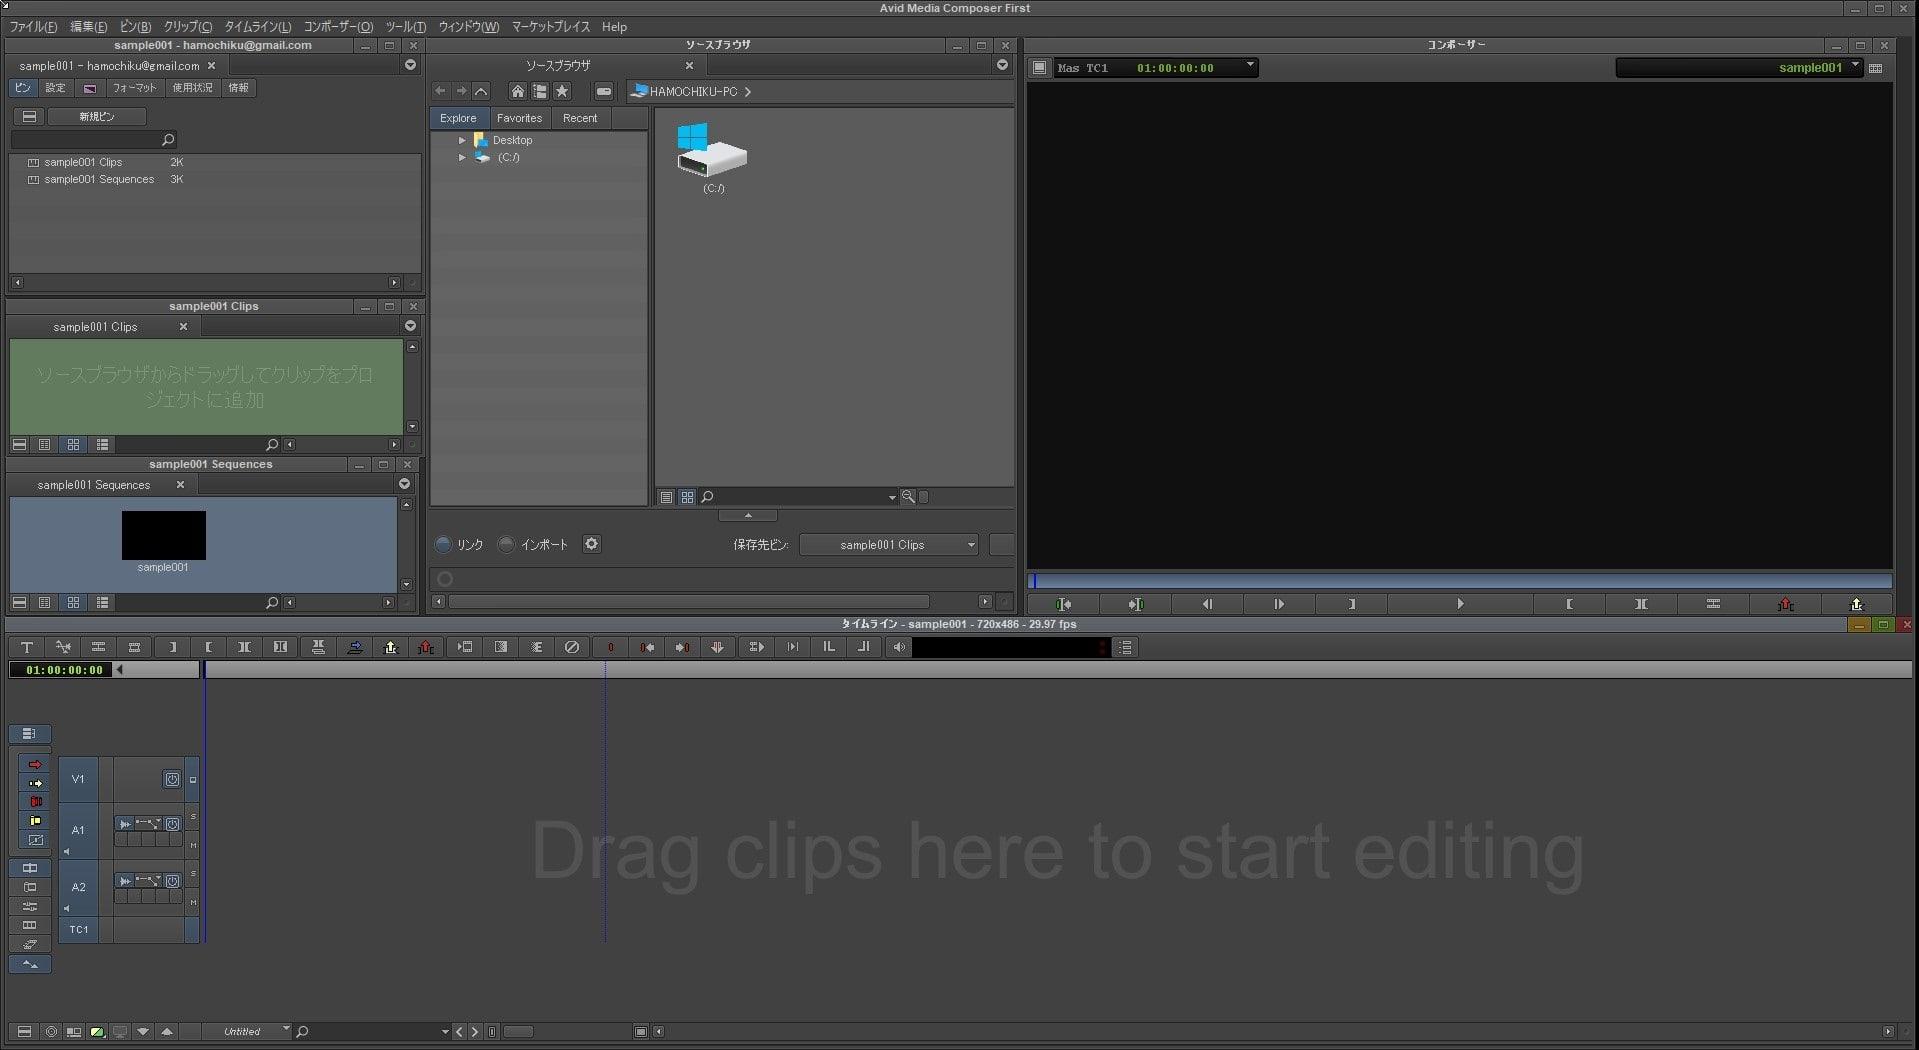 プロジェクトのインターフェイス 動画編集ソフトAvid Media Composer